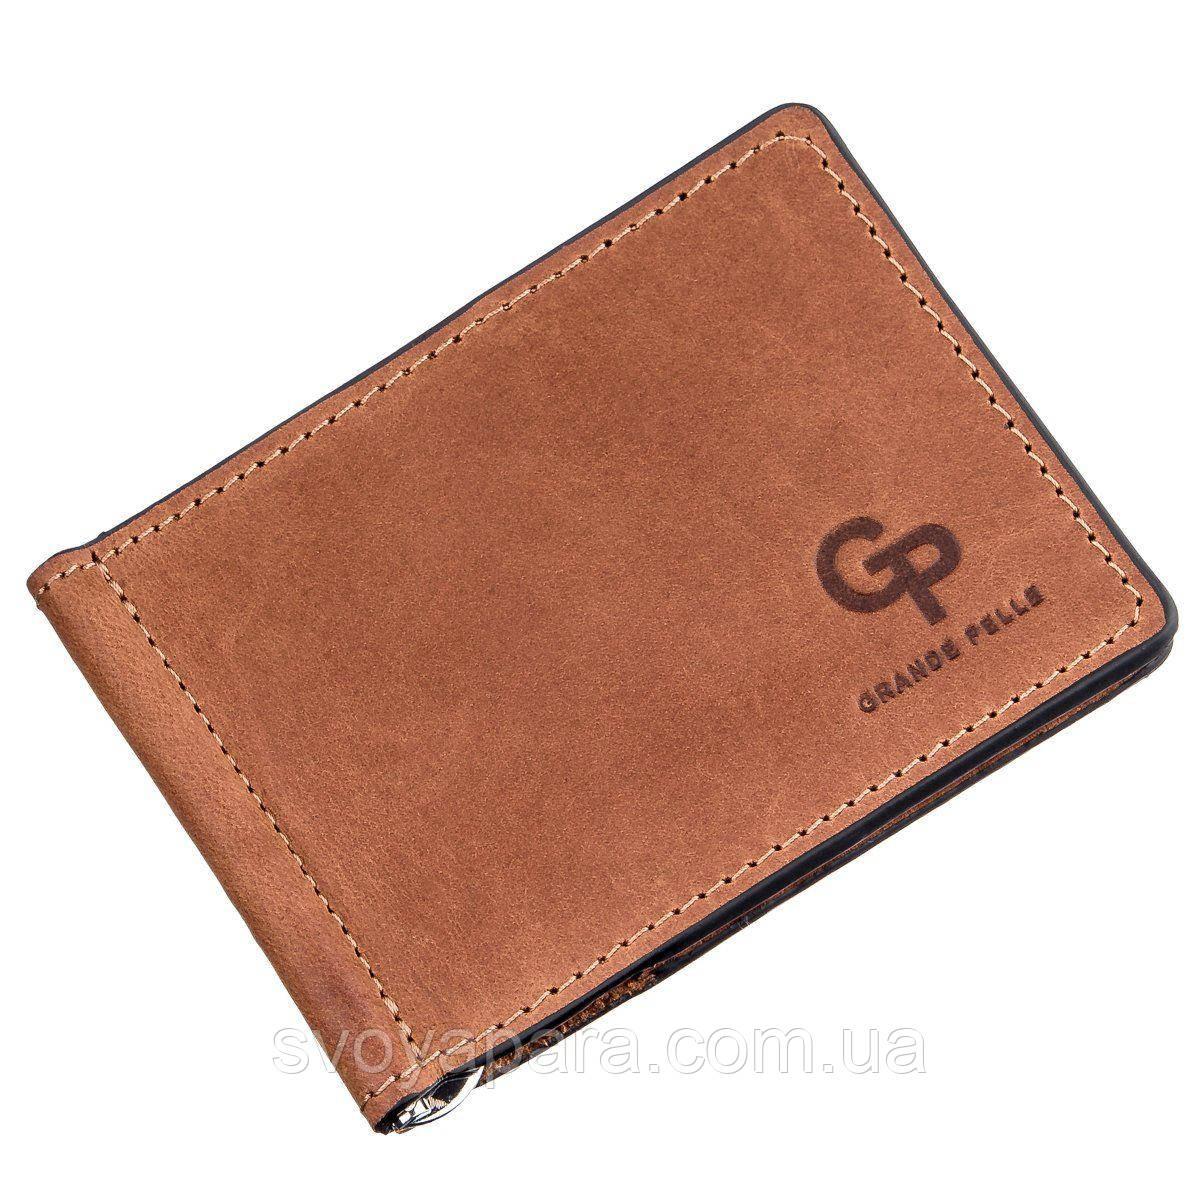 Компактный зажим для денег на магните GRANDE PELLE 11242 Рыжий